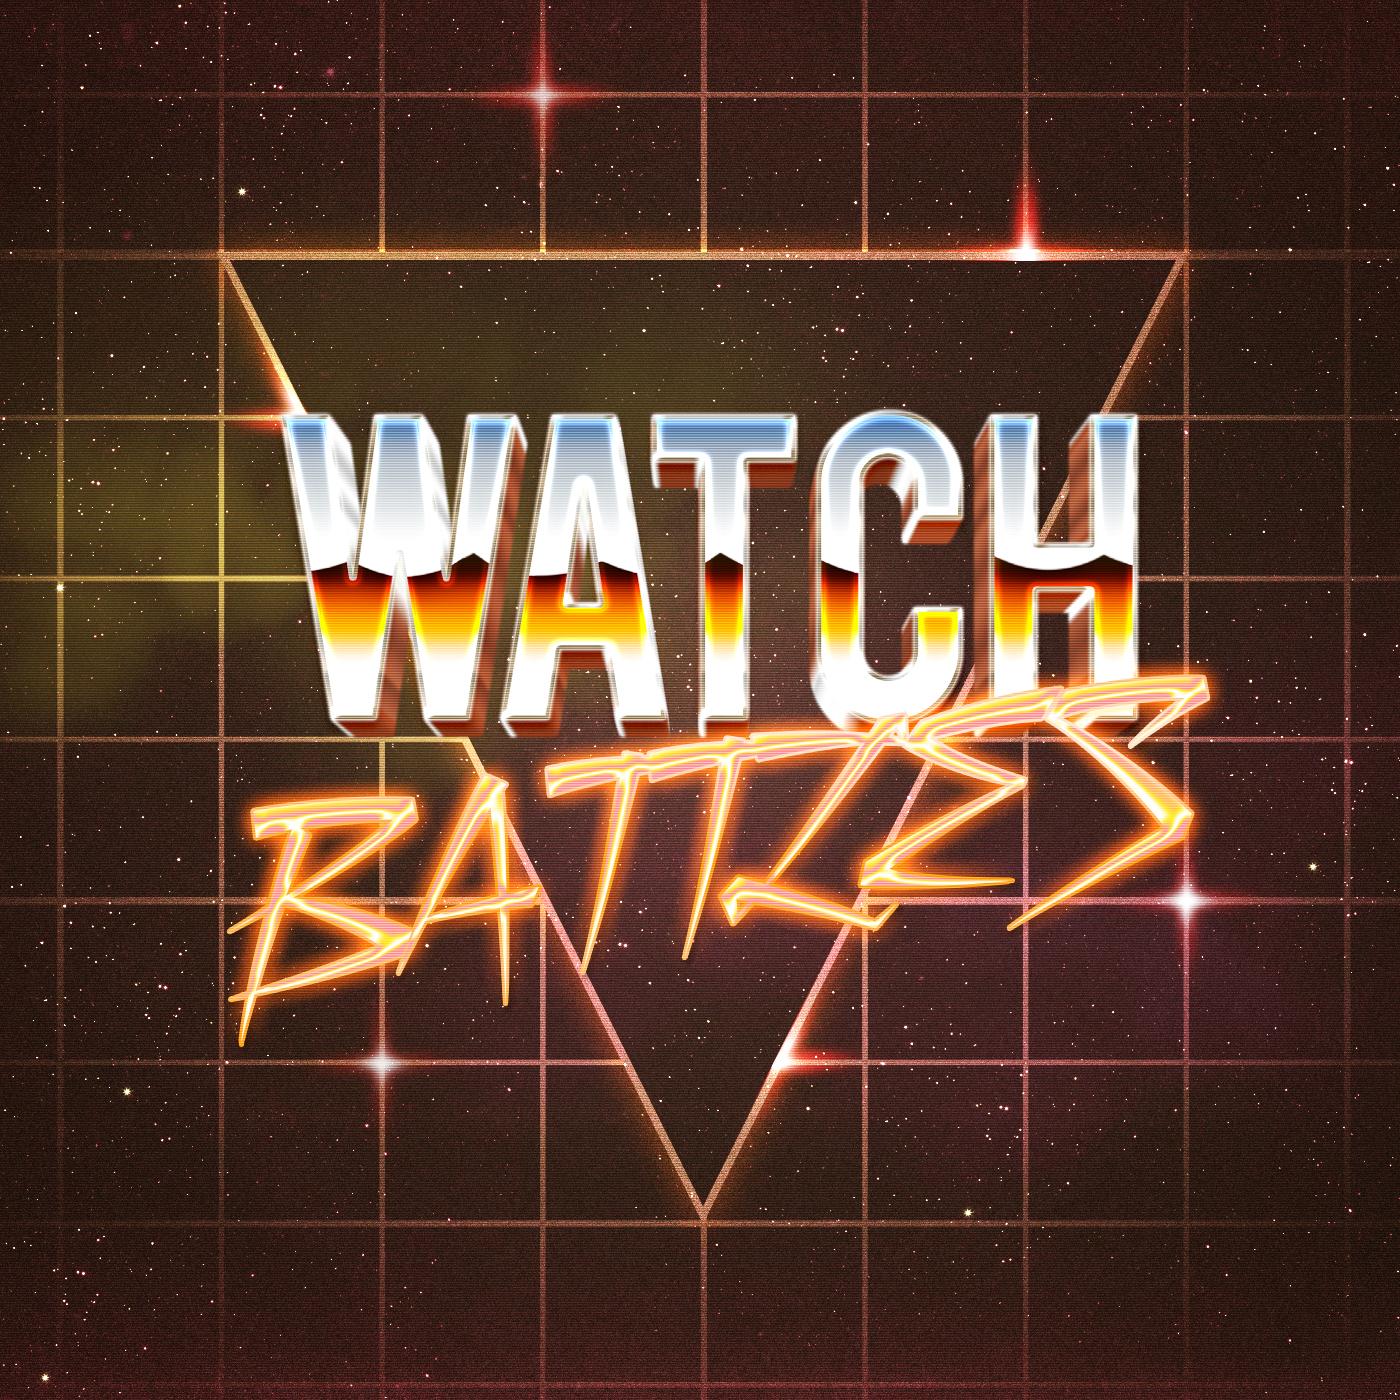 Watch Battles show art